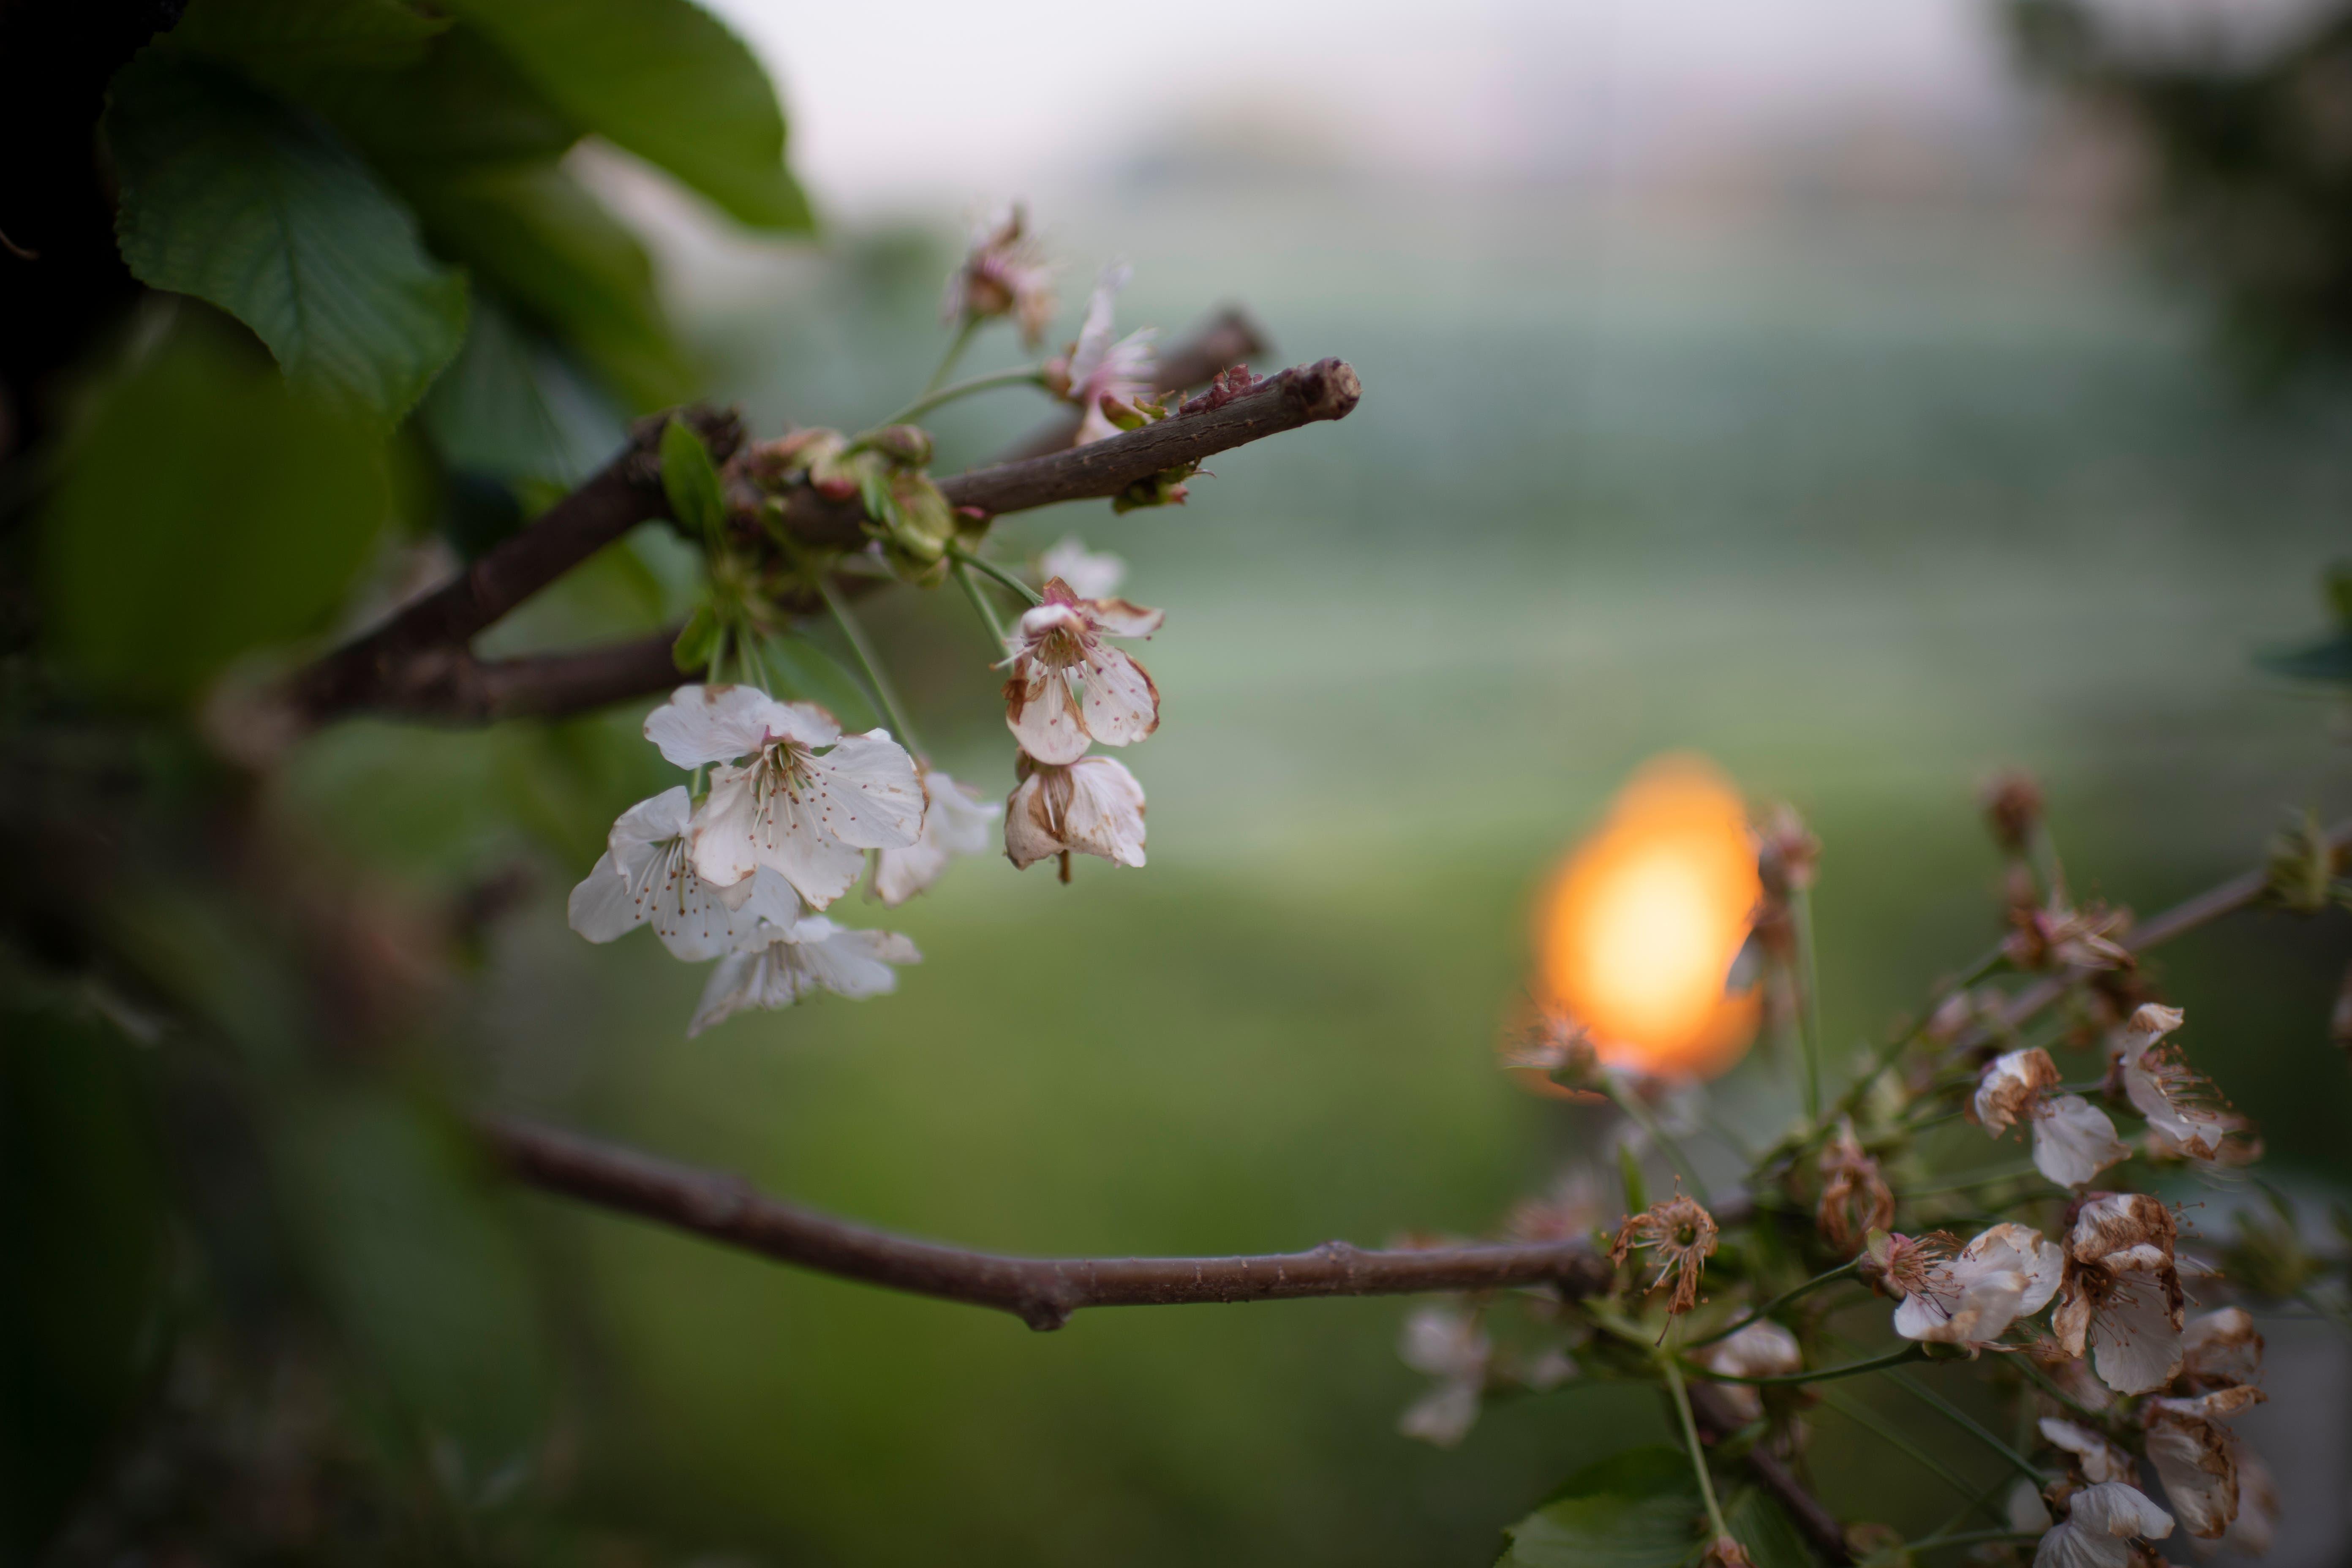 Sobald das Thermometer unter 0 Grad fällt, zünden die Bauern vorsorglich in den Pflanzungen verteilte Frostkerzen an. (Bild: Gian Ehrenzeller/Keystone, Opfershofen, 7. Mai 2019)